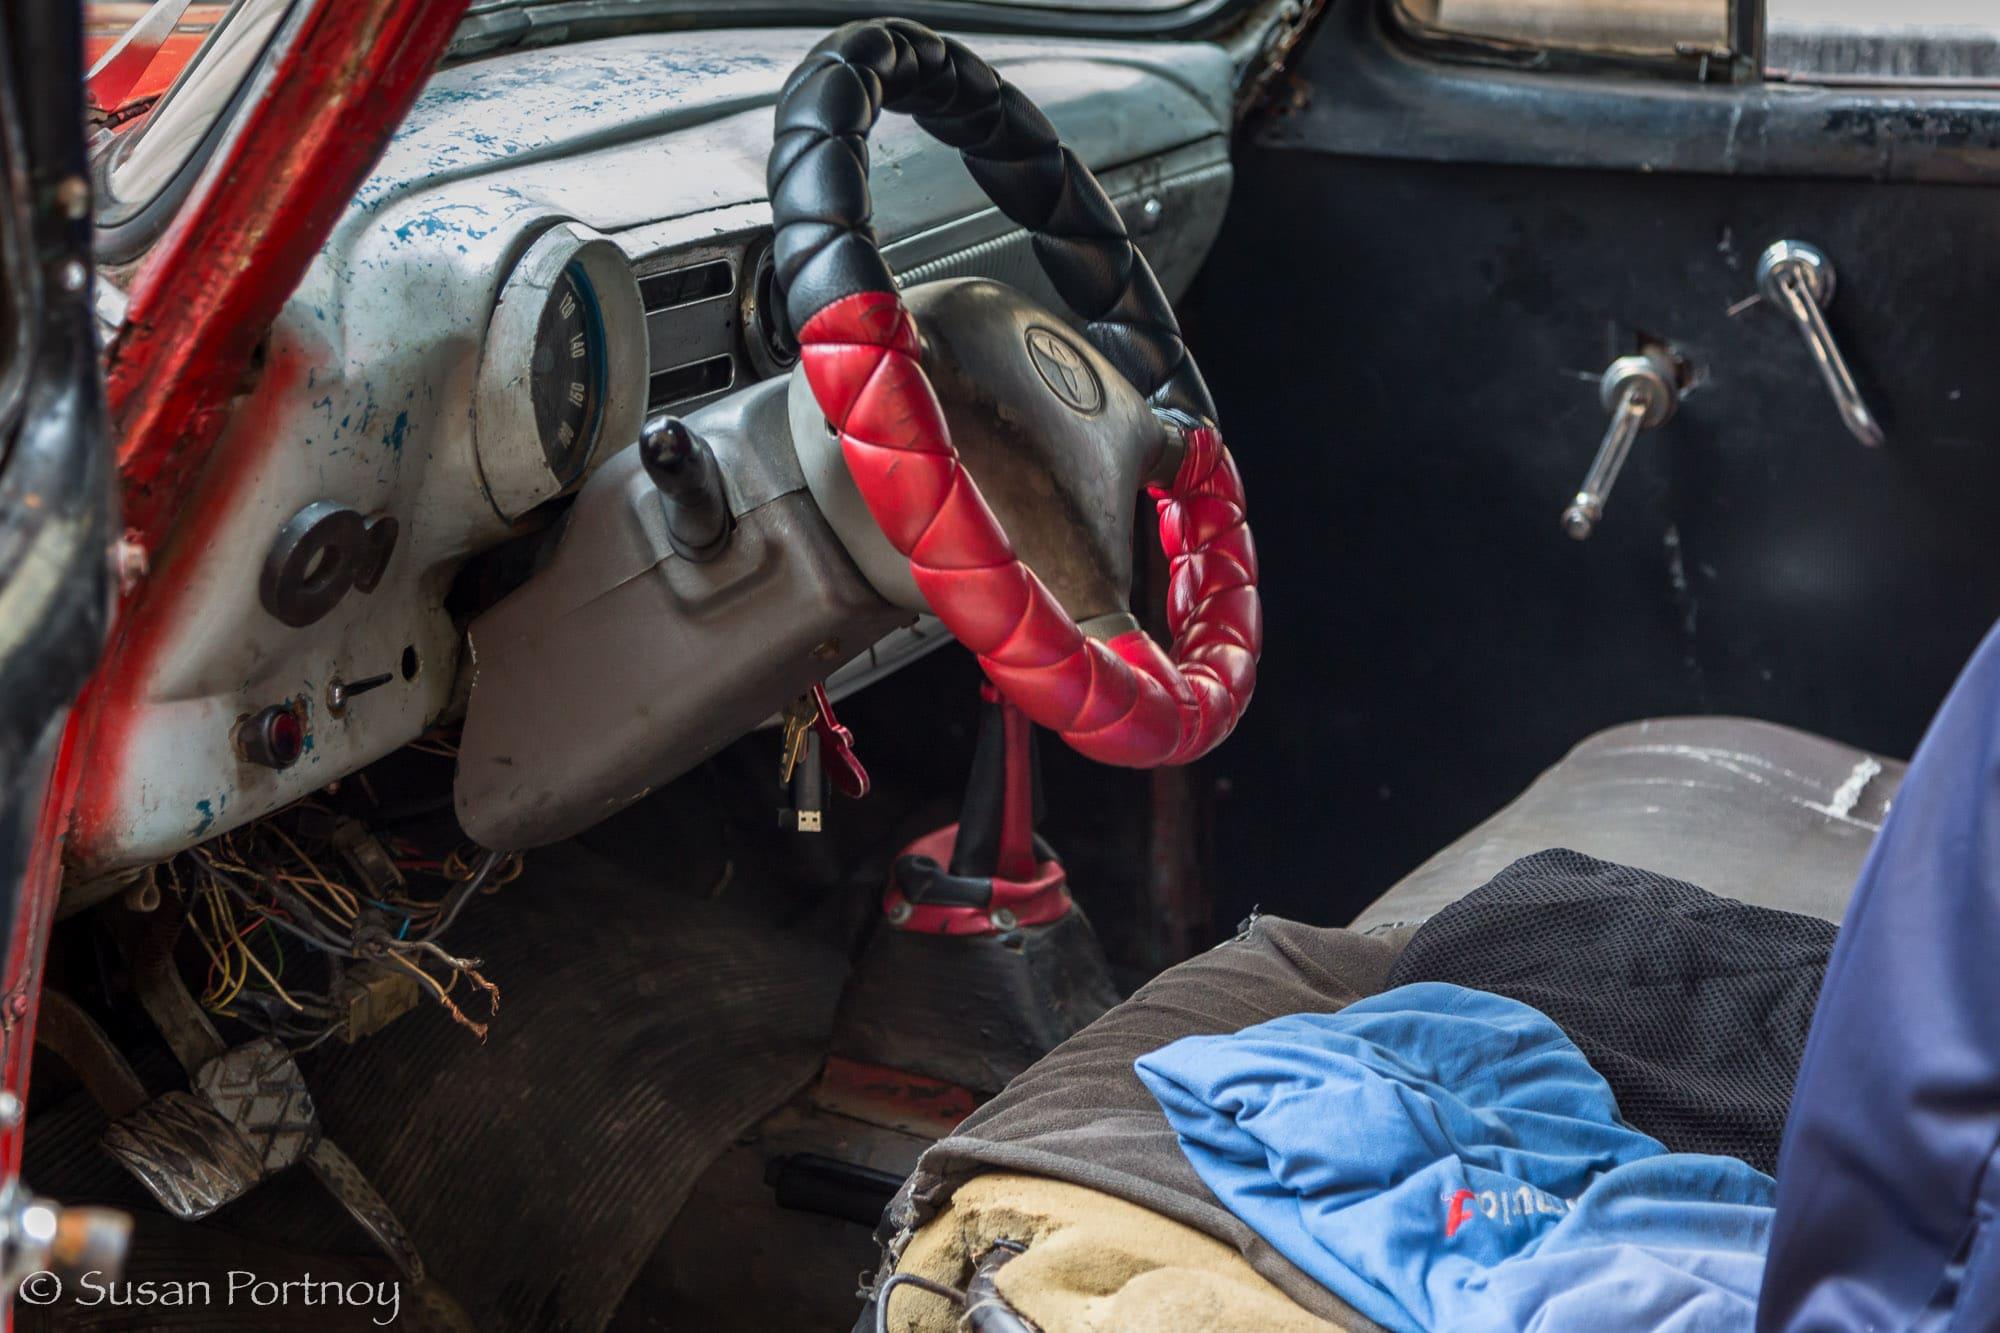 Steering wheel inside a beat up classic car driving in Havana, Cuba